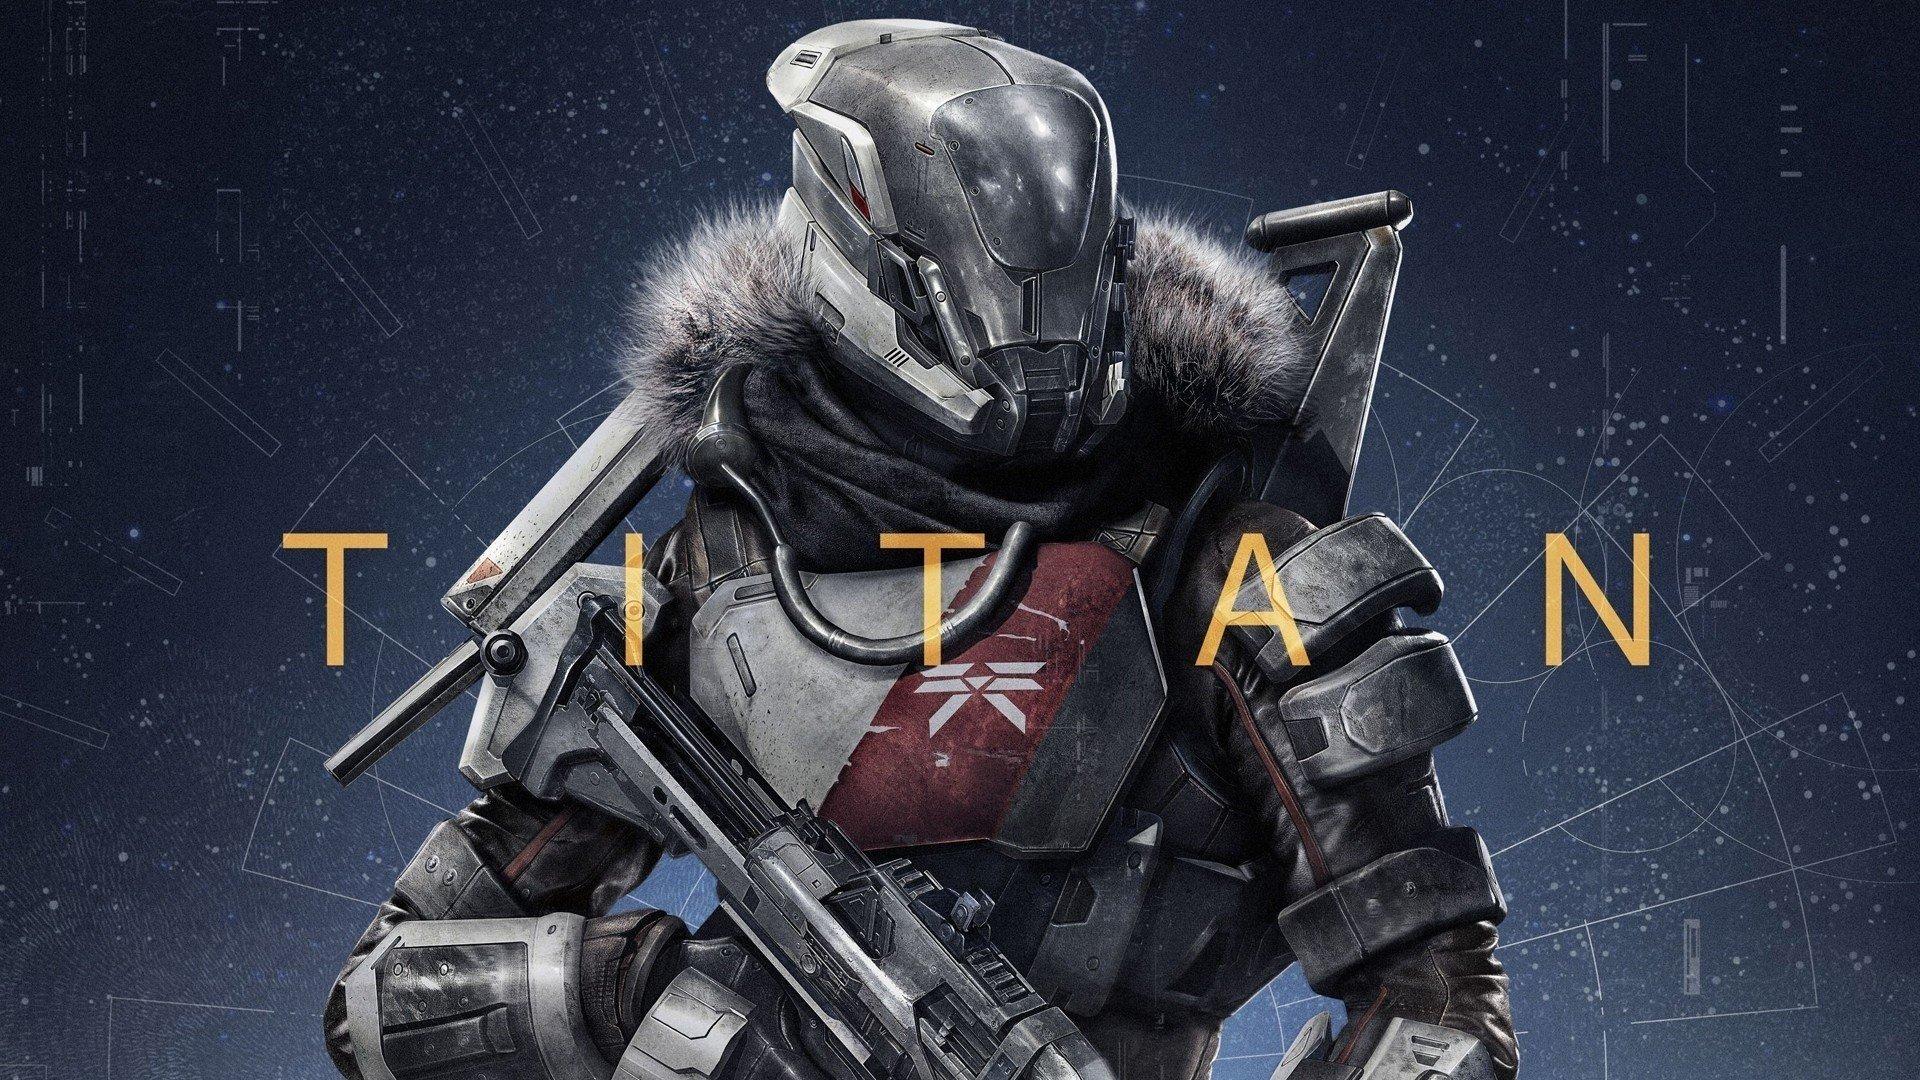 Wallpaper Titan en el juego Destiny Images